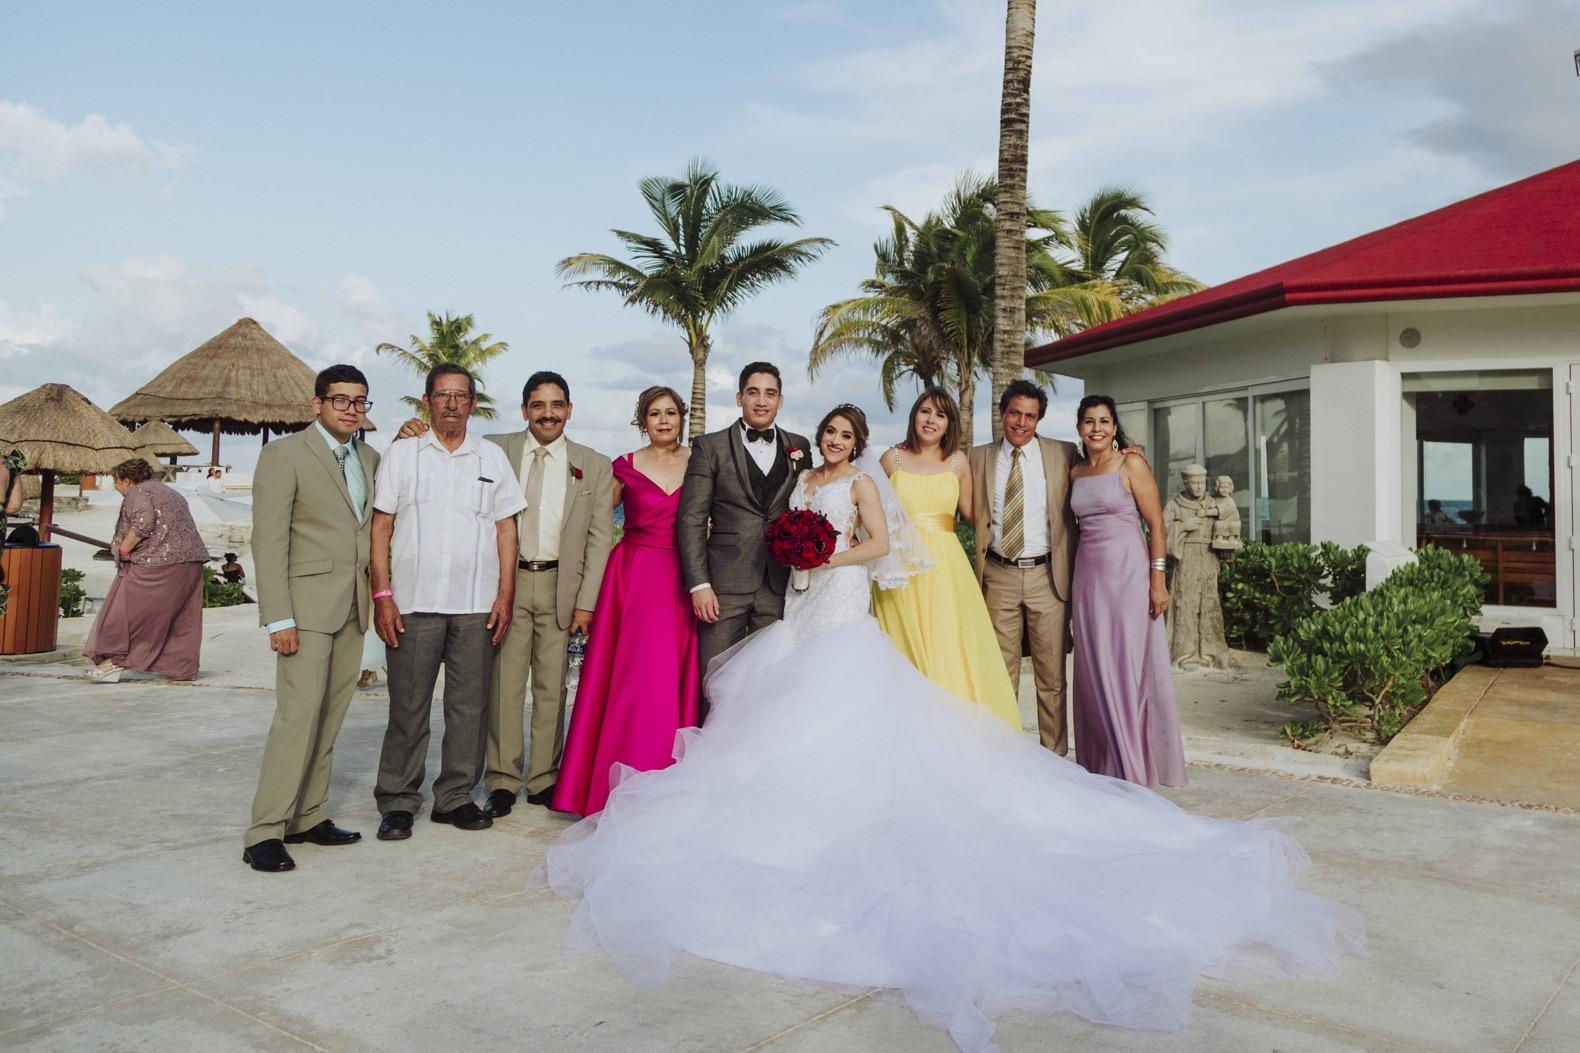 fotografo_bodas_profesional_zacatecas_riviera_maya_cancun-258